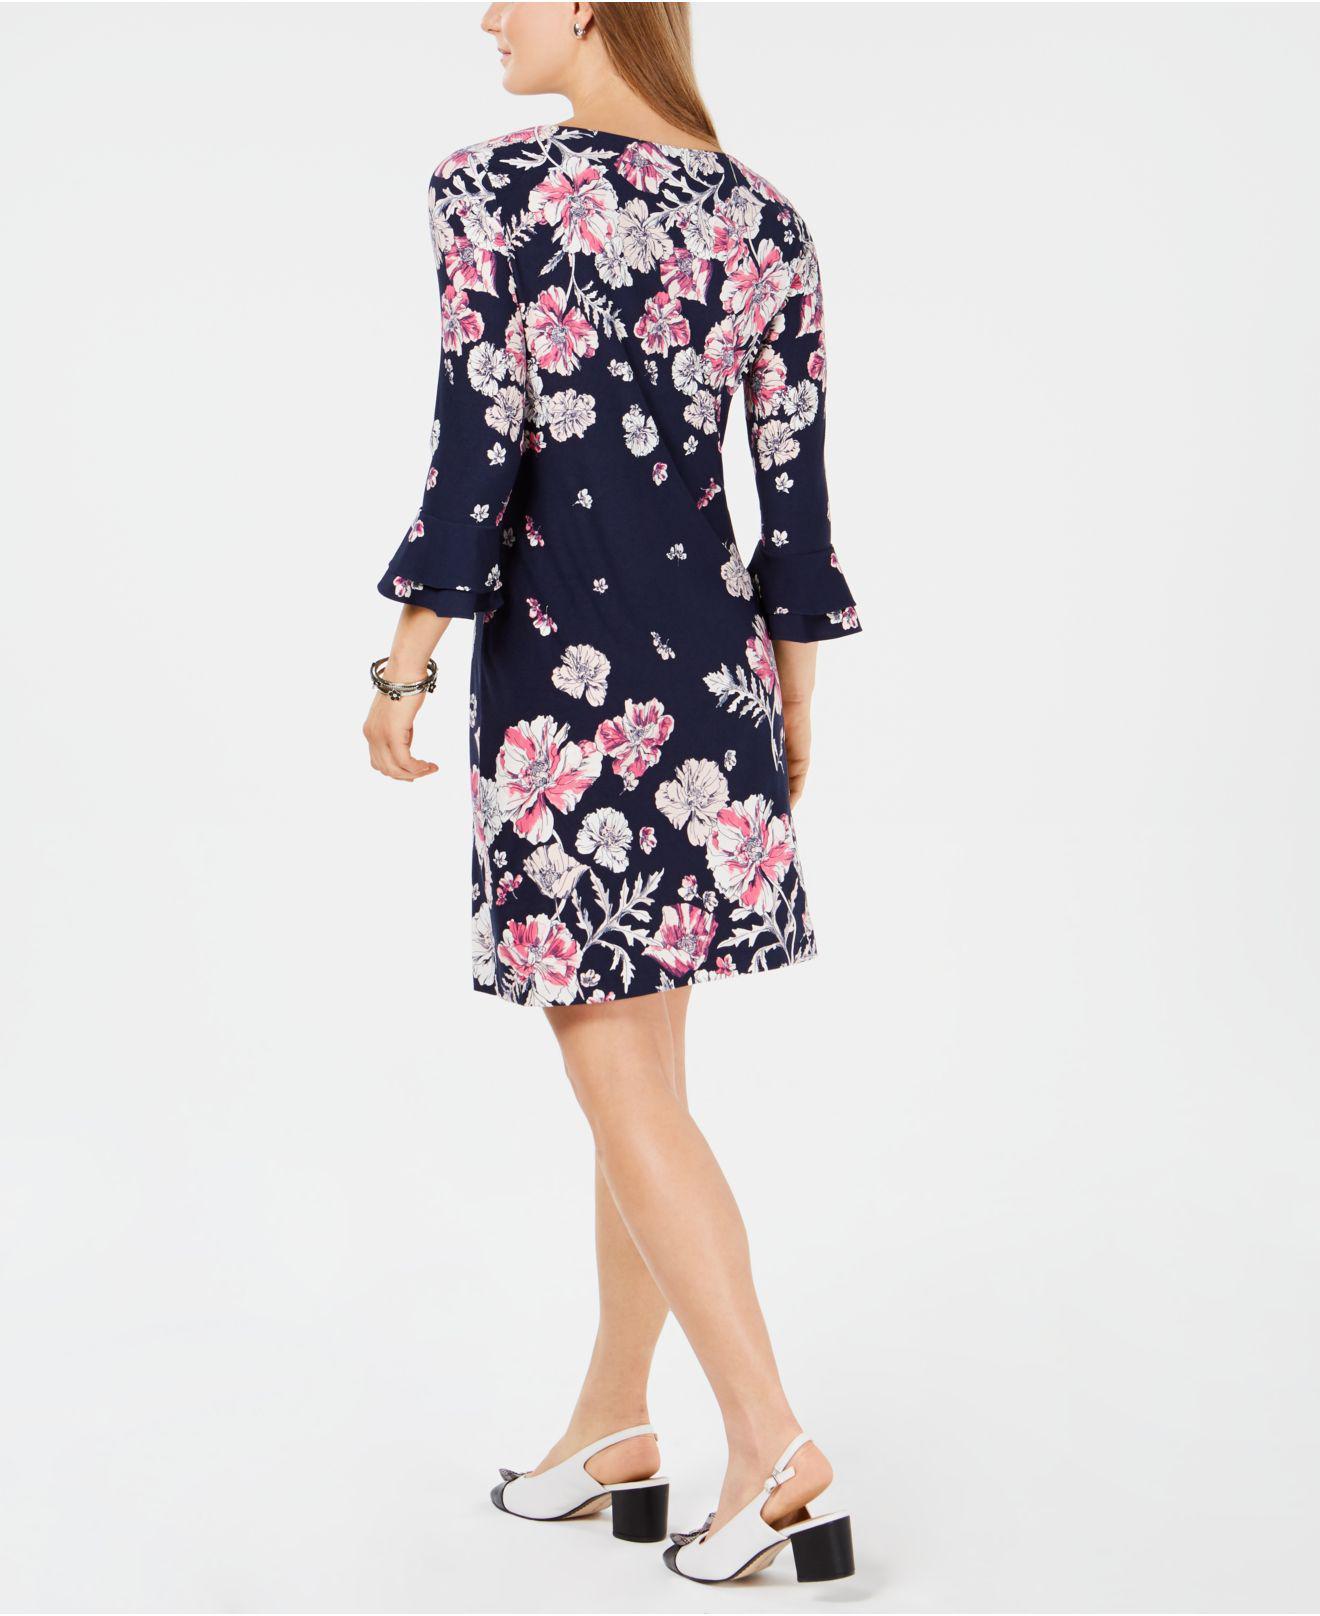 Macys Petite Dresses